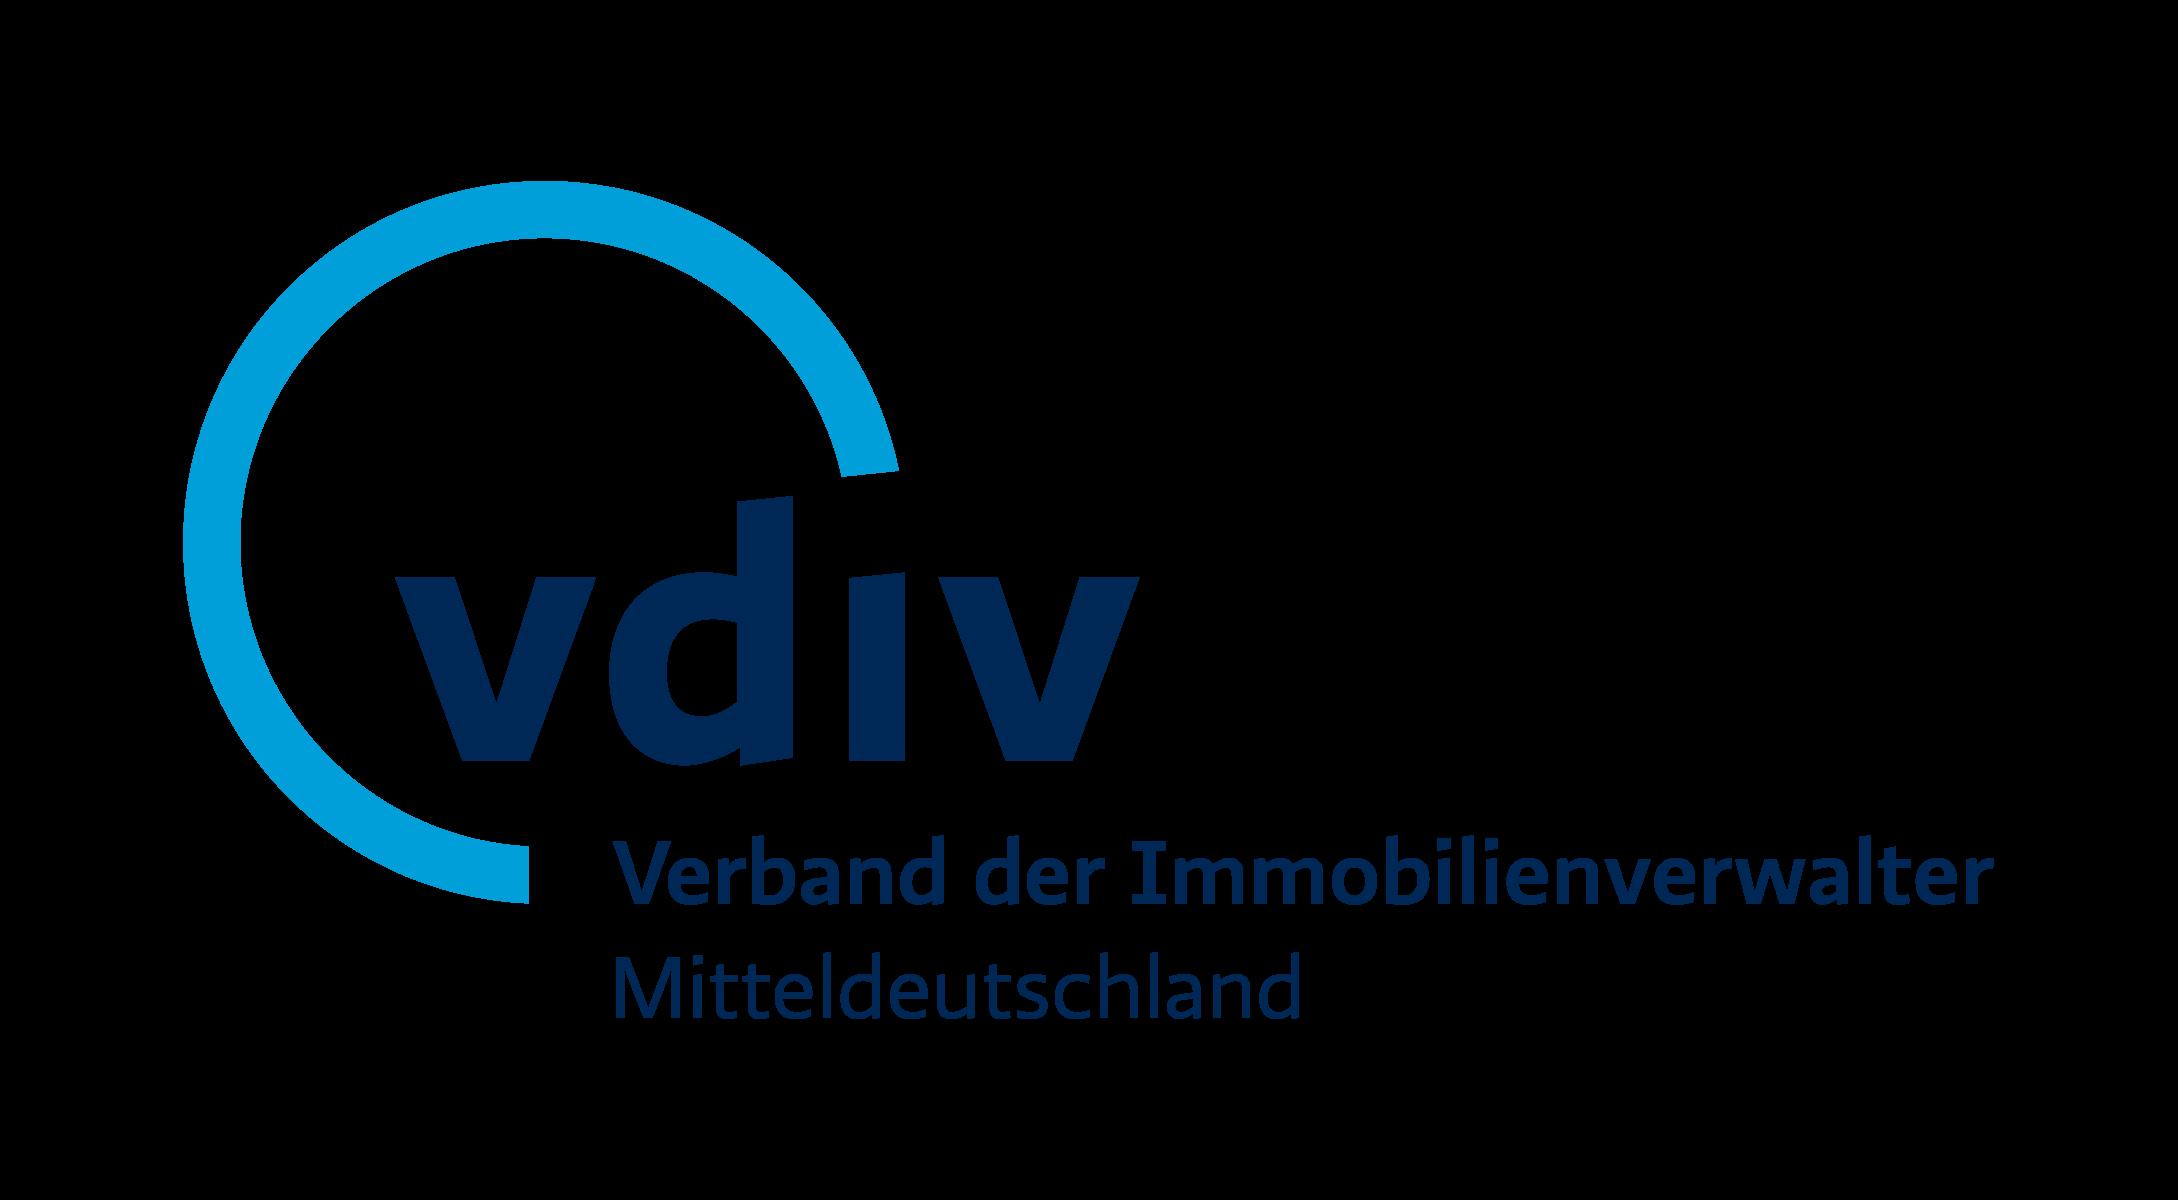 logo-deutsche-immobilienverwalter